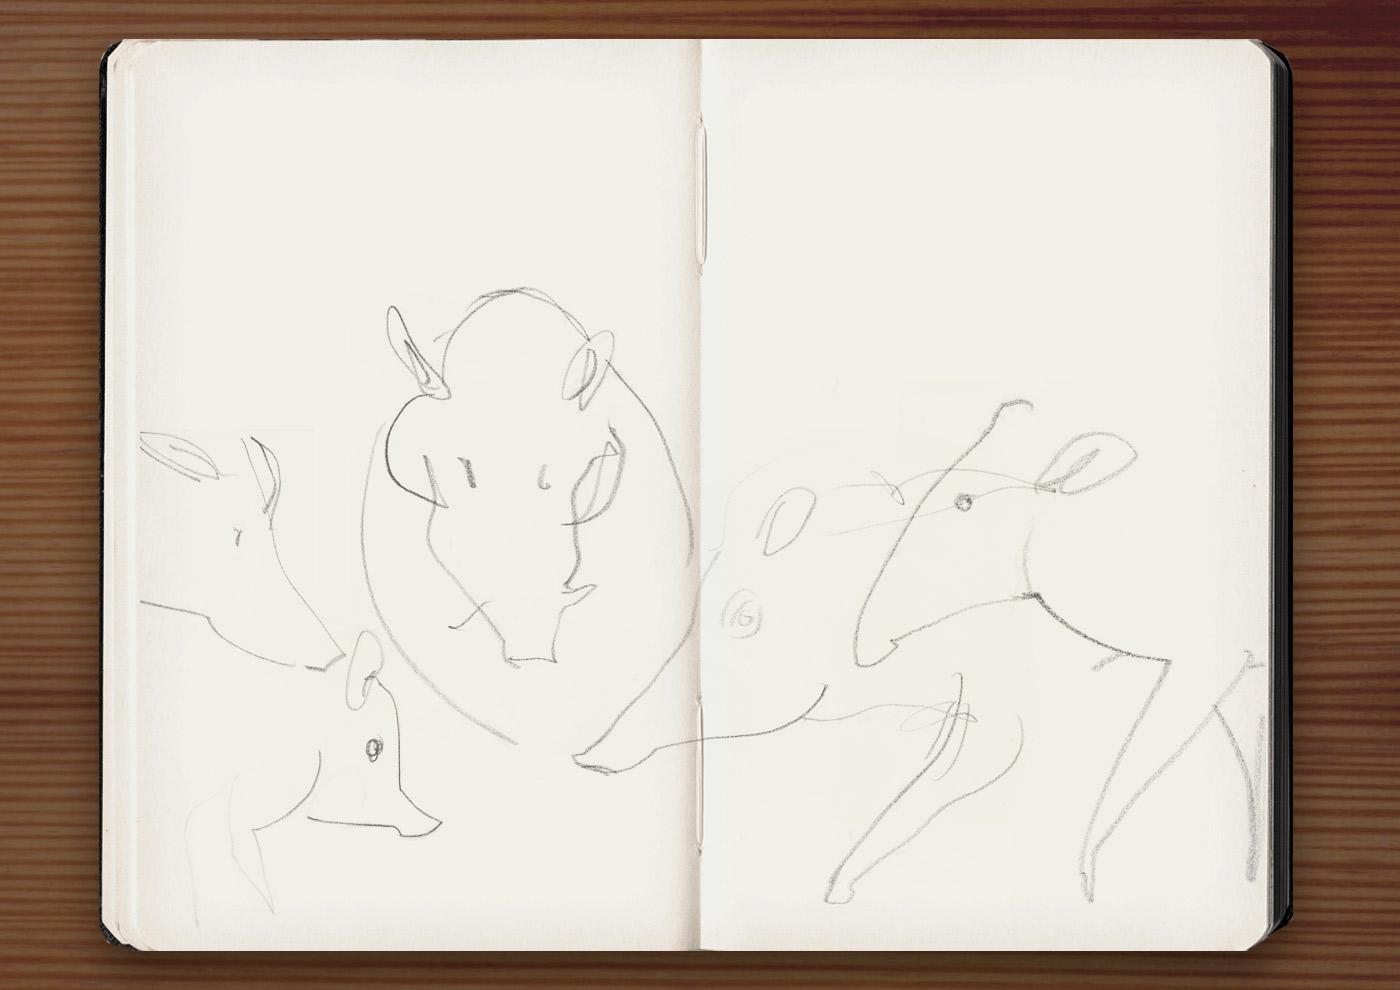 Skizzen von Schweinen in der Ménagerie, dem Zoo des Jardin des Plantes, in Paris